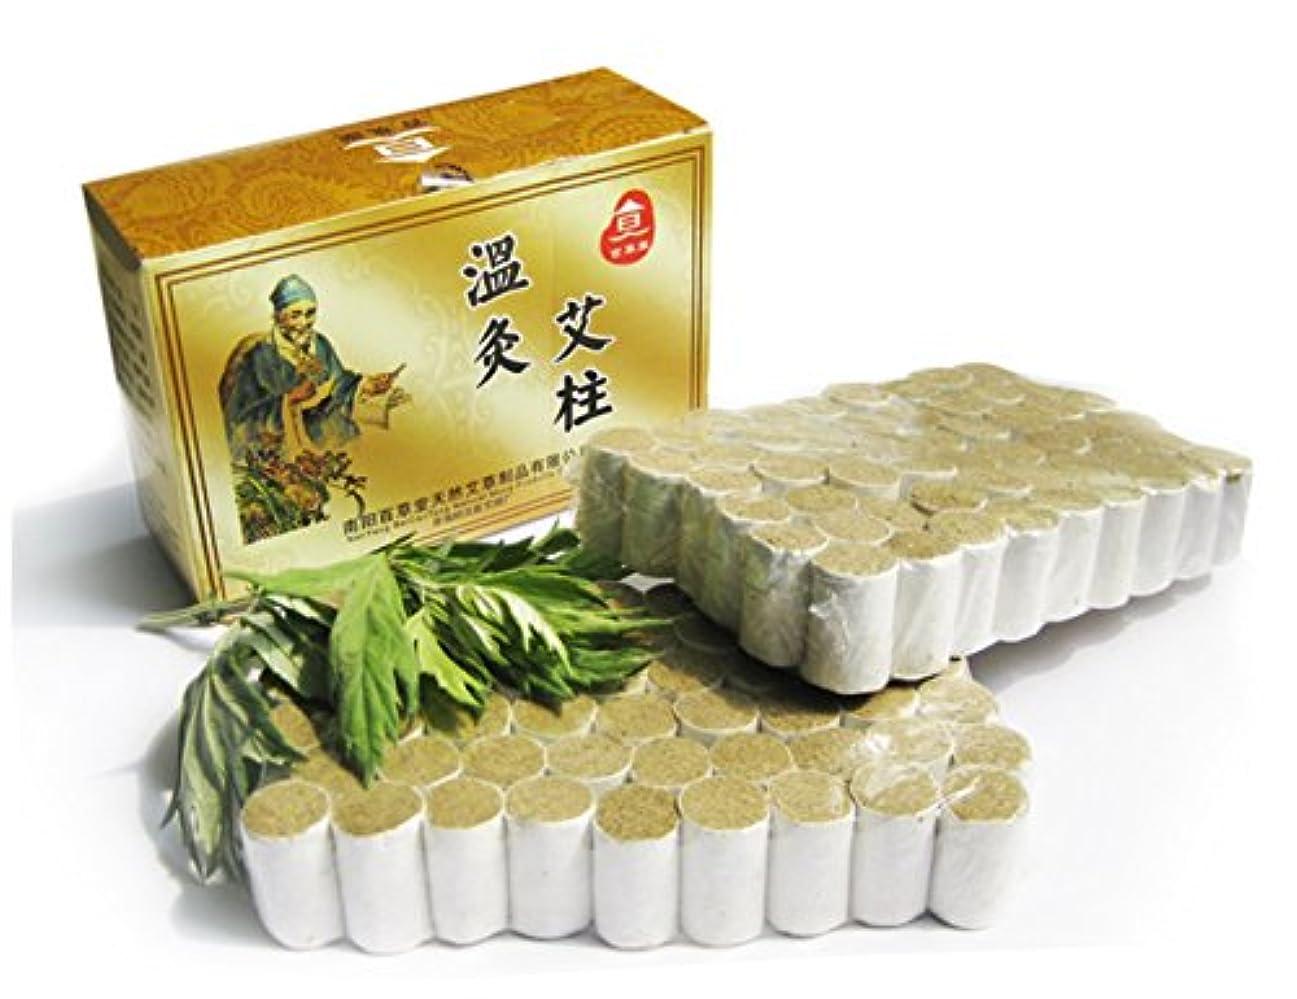 タヒチ年顕現暖かい灸灸コーン2パックボックス Elitzia ETM0305 (108 列)